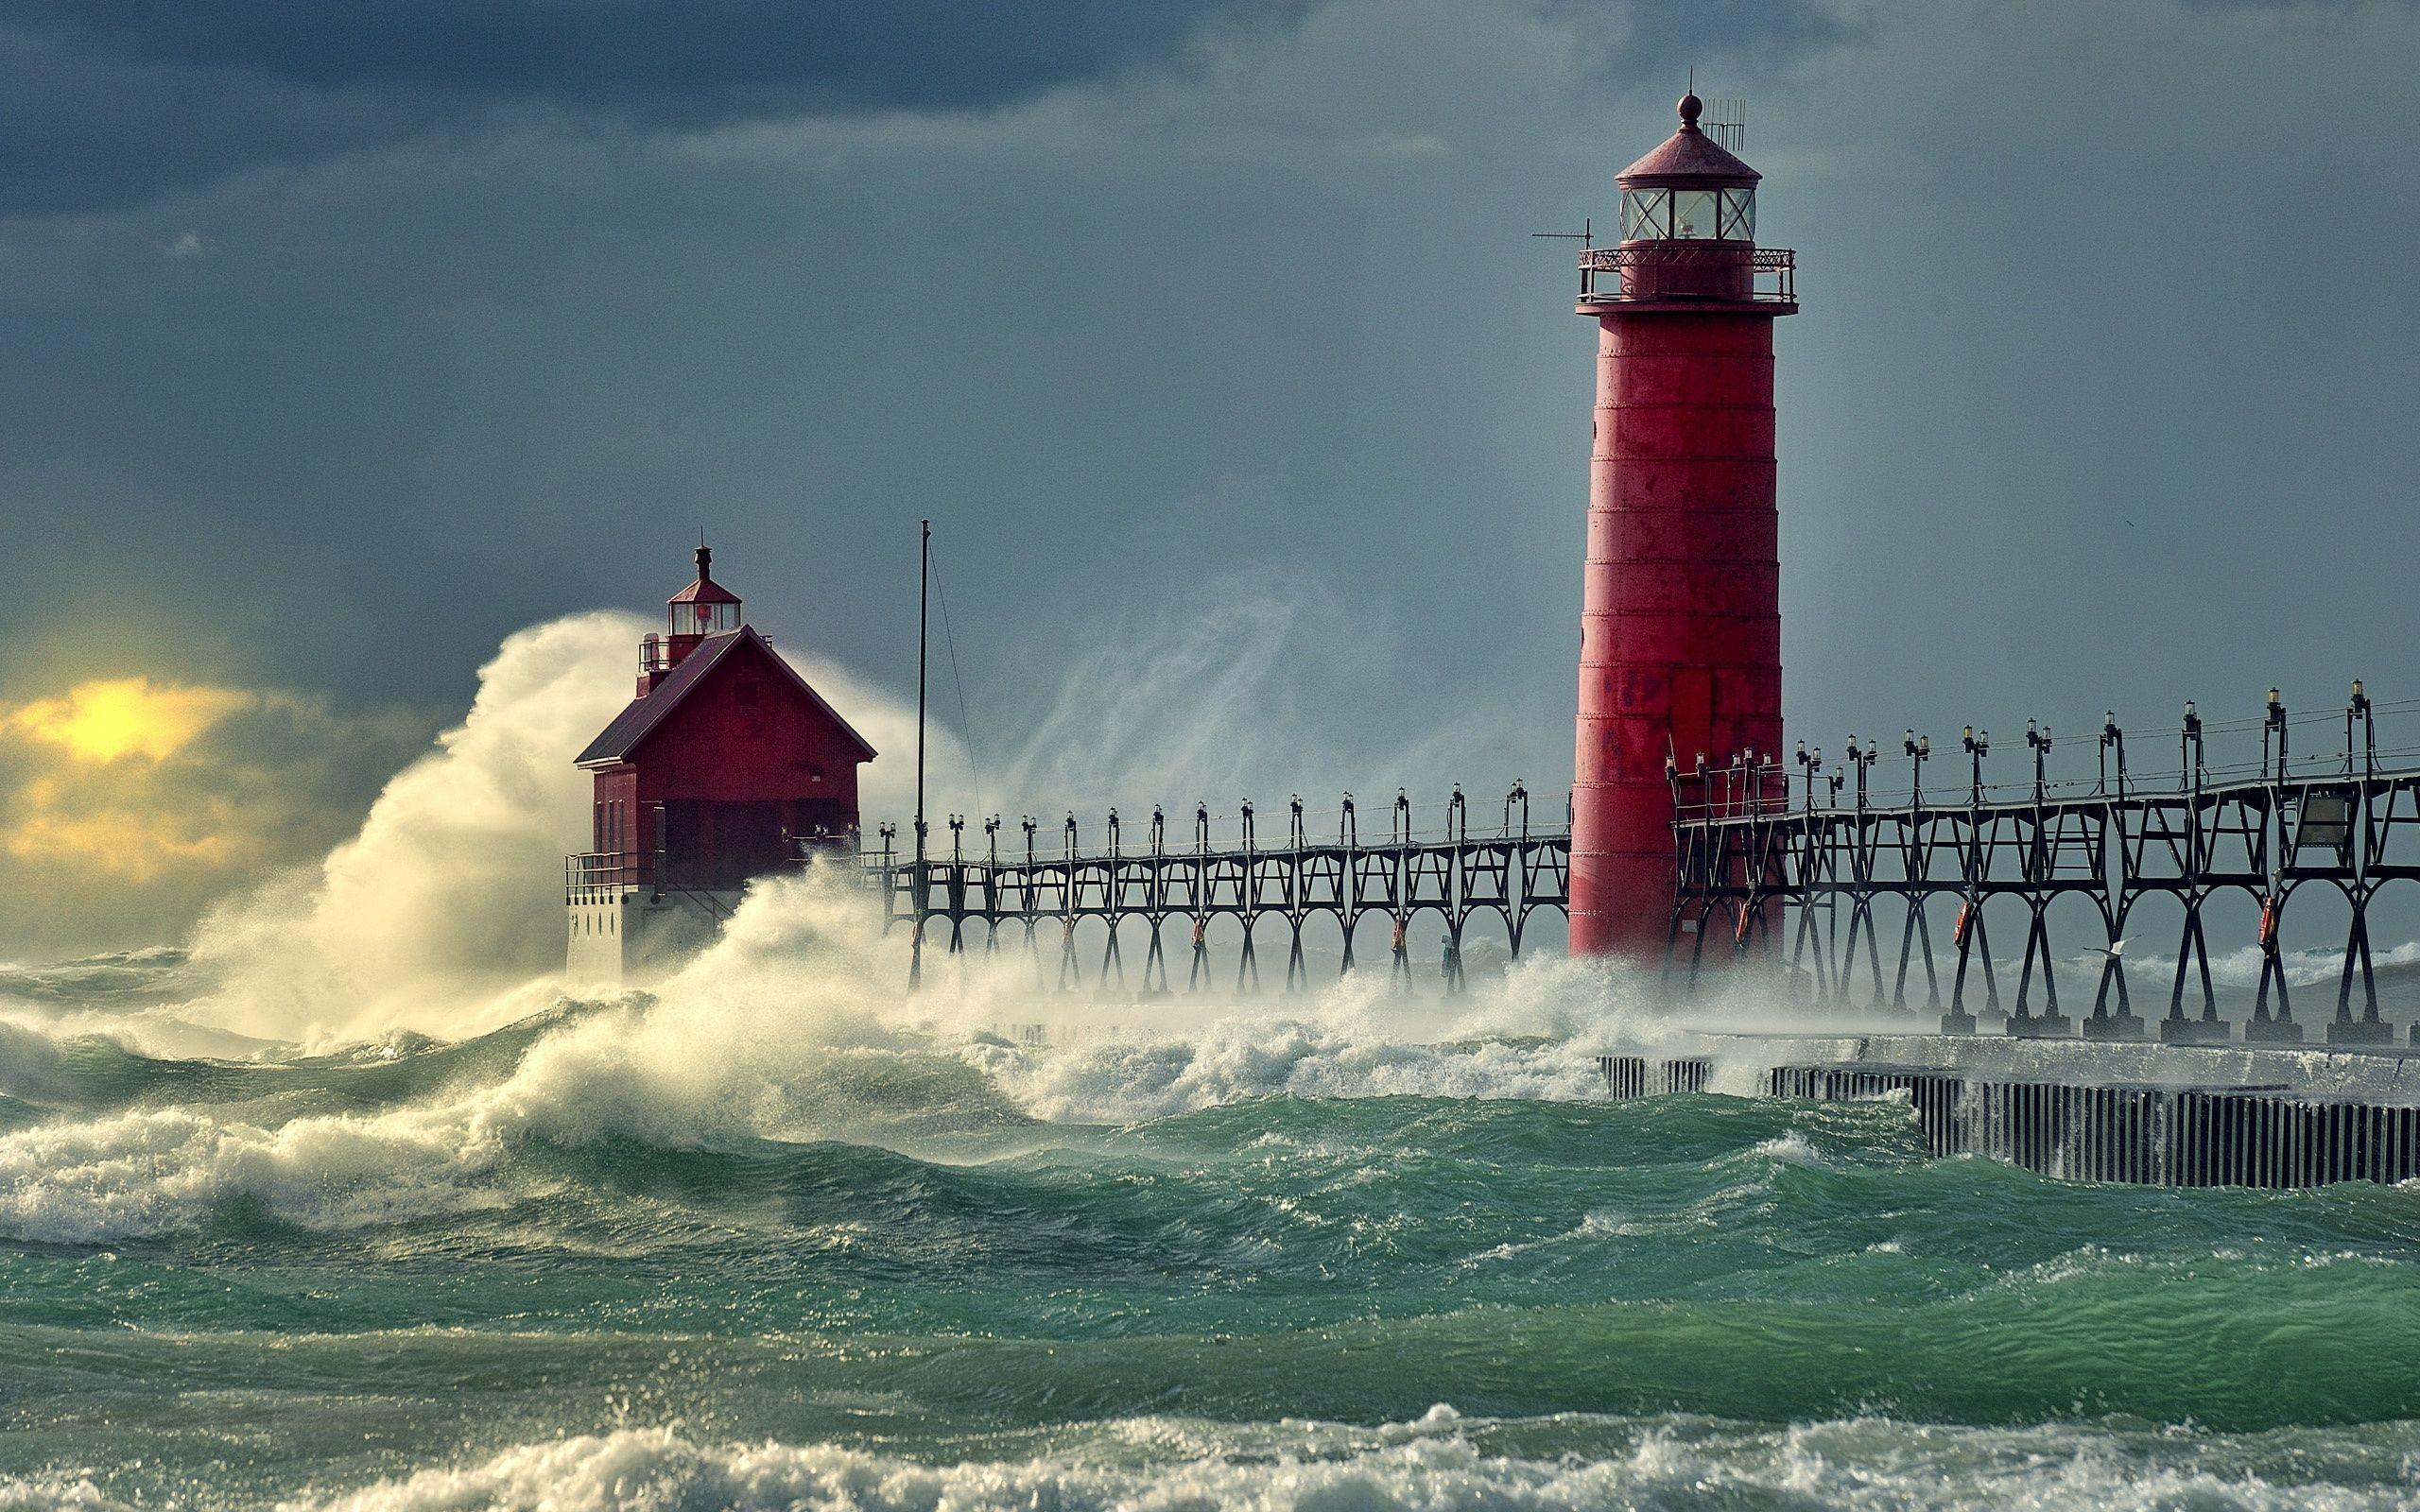 Mer Vagues Quai Du Phare Fonds D Ecran 2560x1600 Eclairage De Maison Phare Lac Michigan